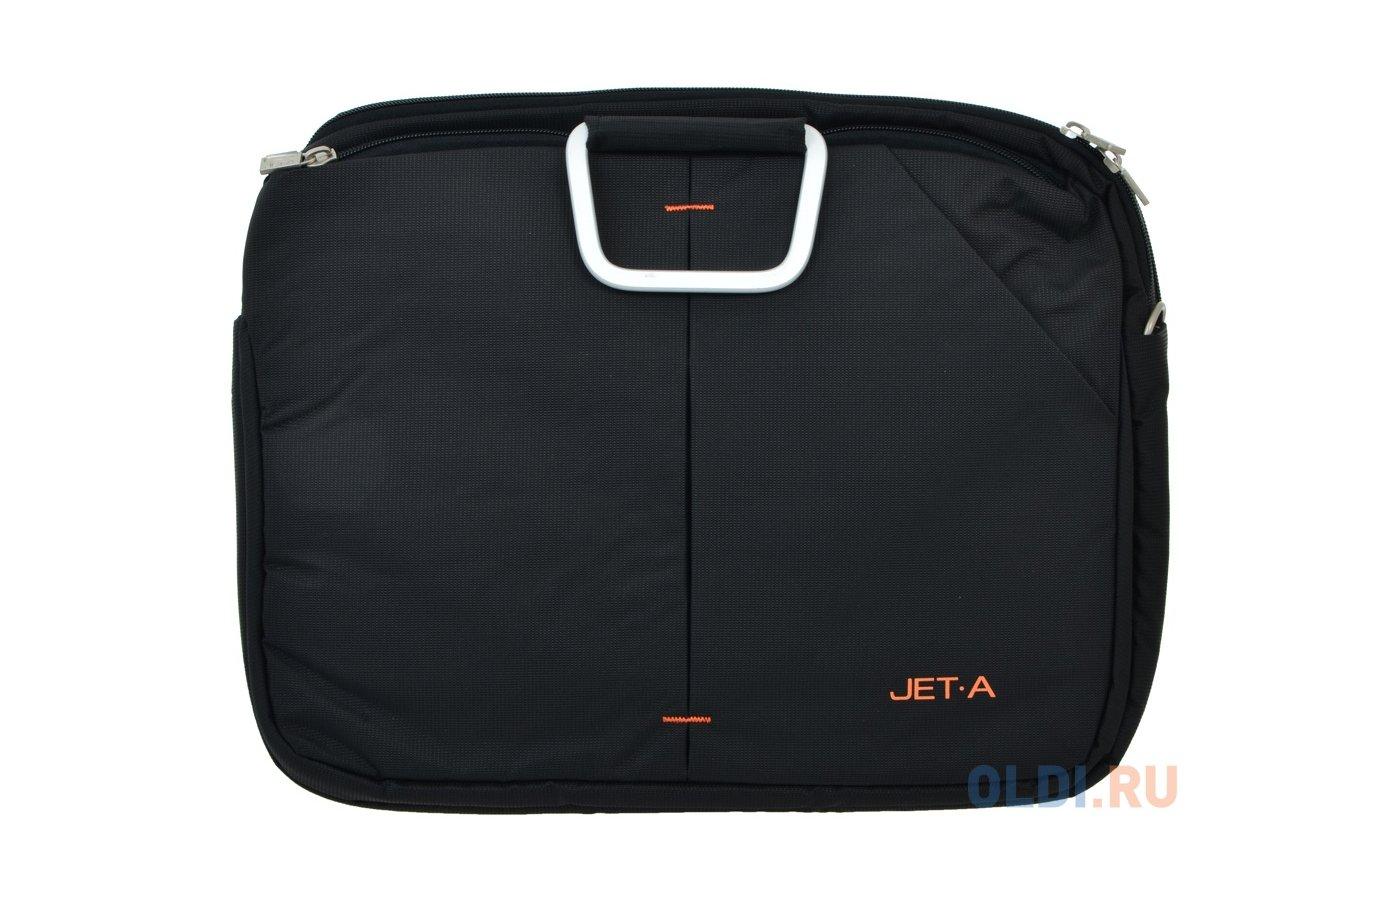 Кейс для ноутбука Jet.A LB15-28 до 15,6 (Черный, качественный нейлон/полиэстер, современный дизайн, SIZE 355x90x280мм)